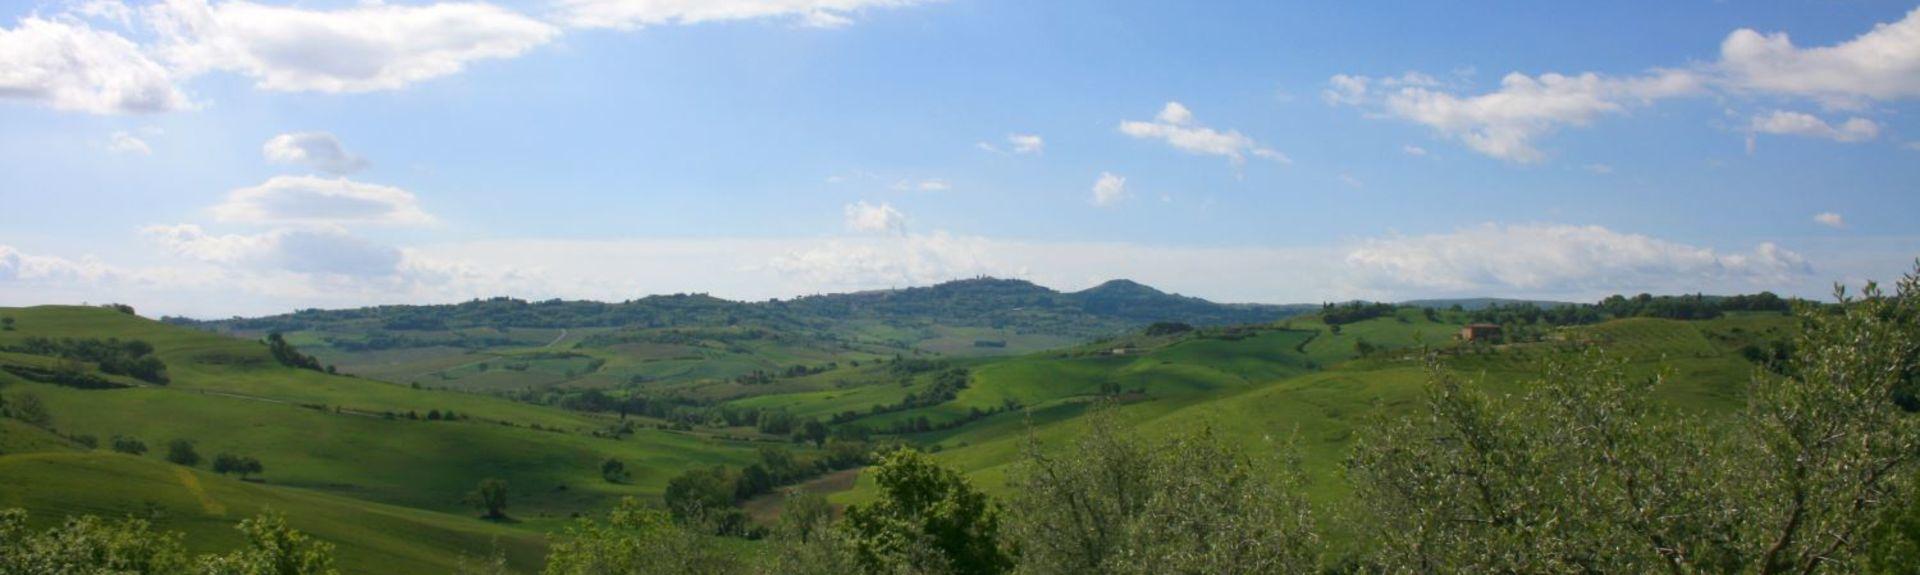 Santa Maria, Arezzo, Tuscany, Italy